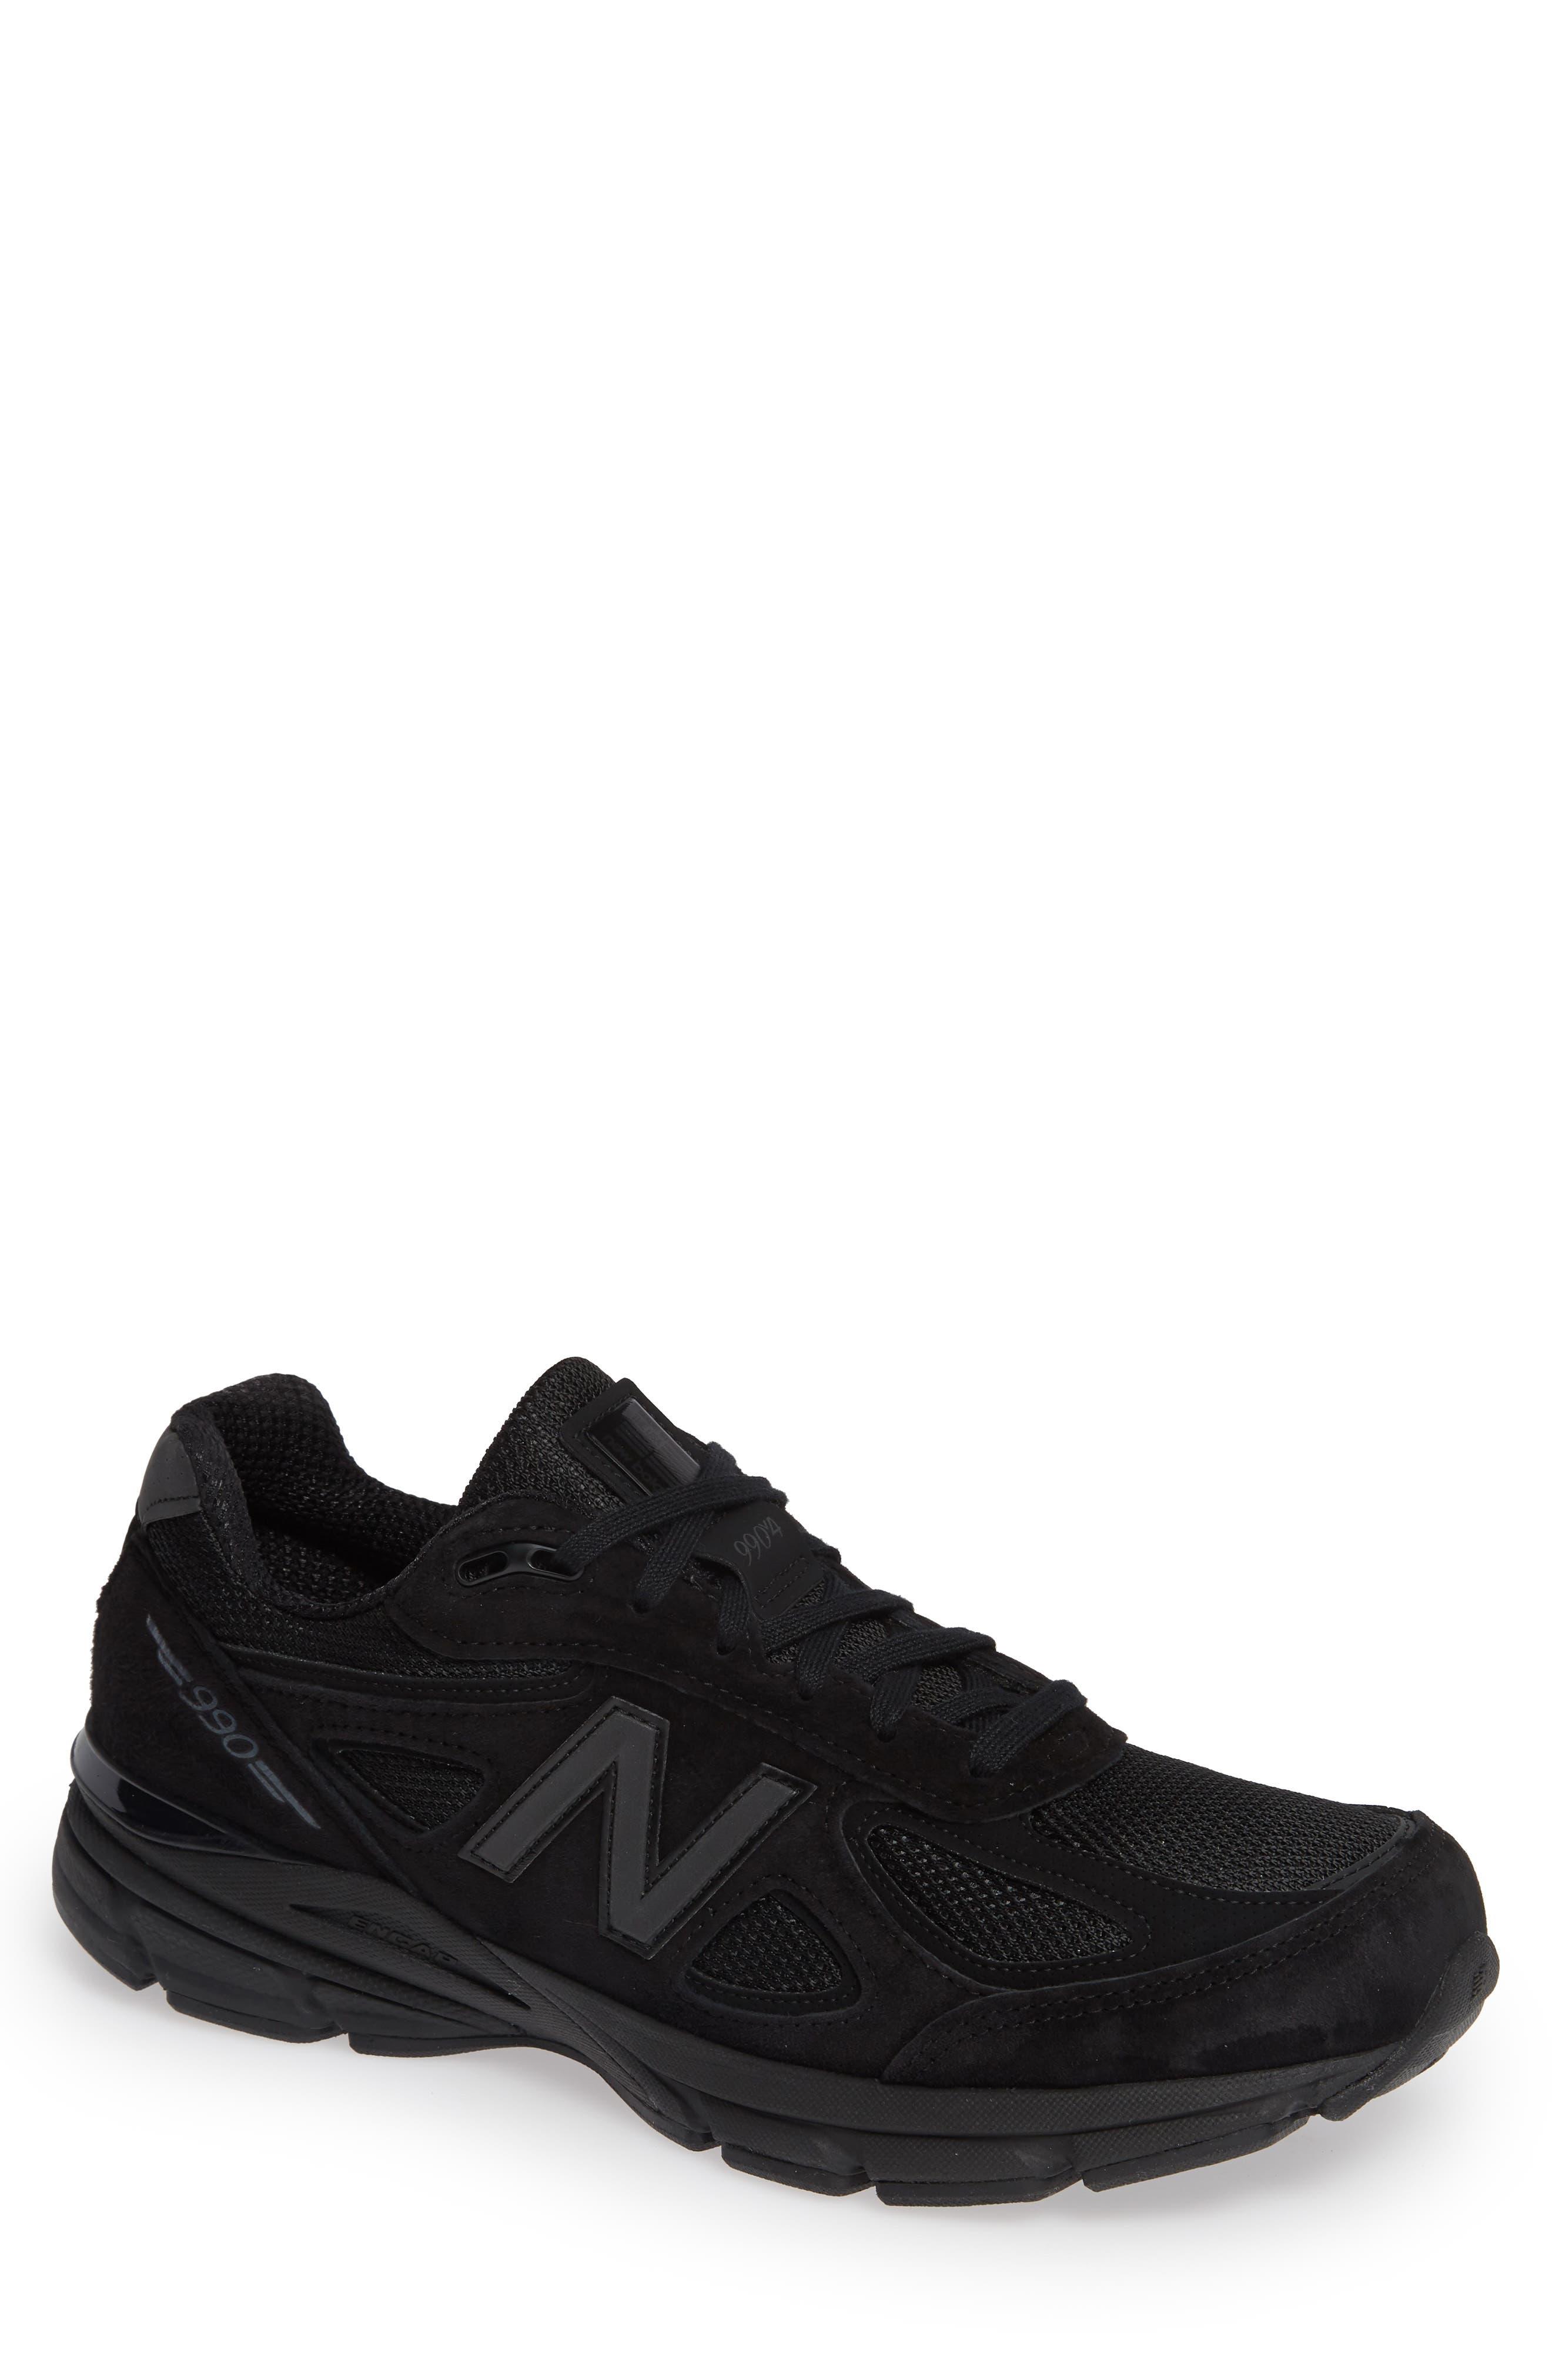 '990' Running Shoe,                             Main thumbnail 1, color,                             BLACK/BLACk